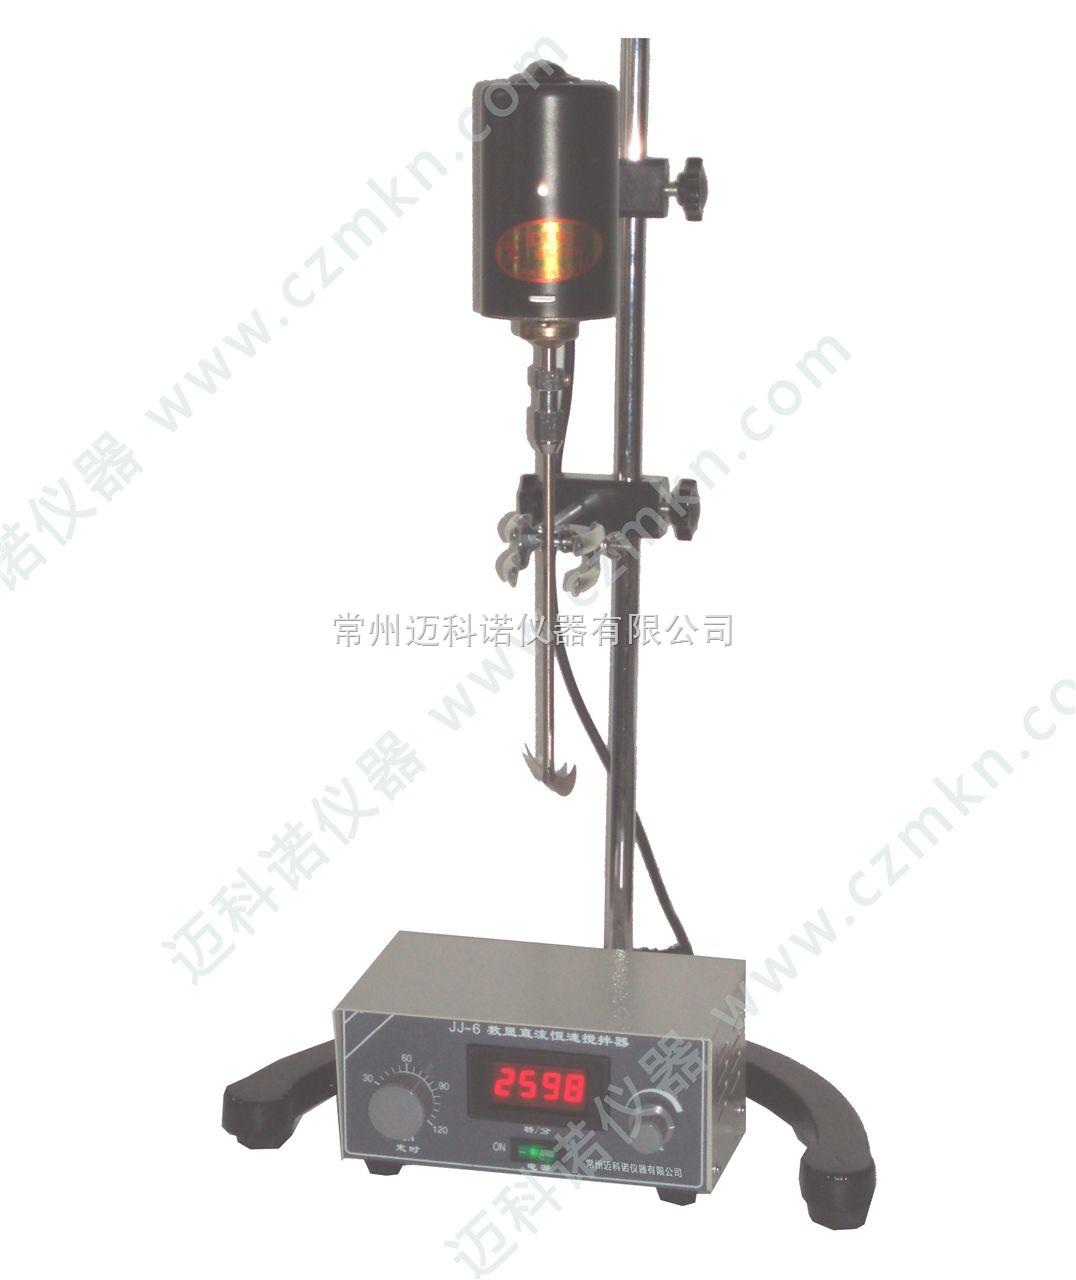 增力电动搅拌器(25W—300W任选)